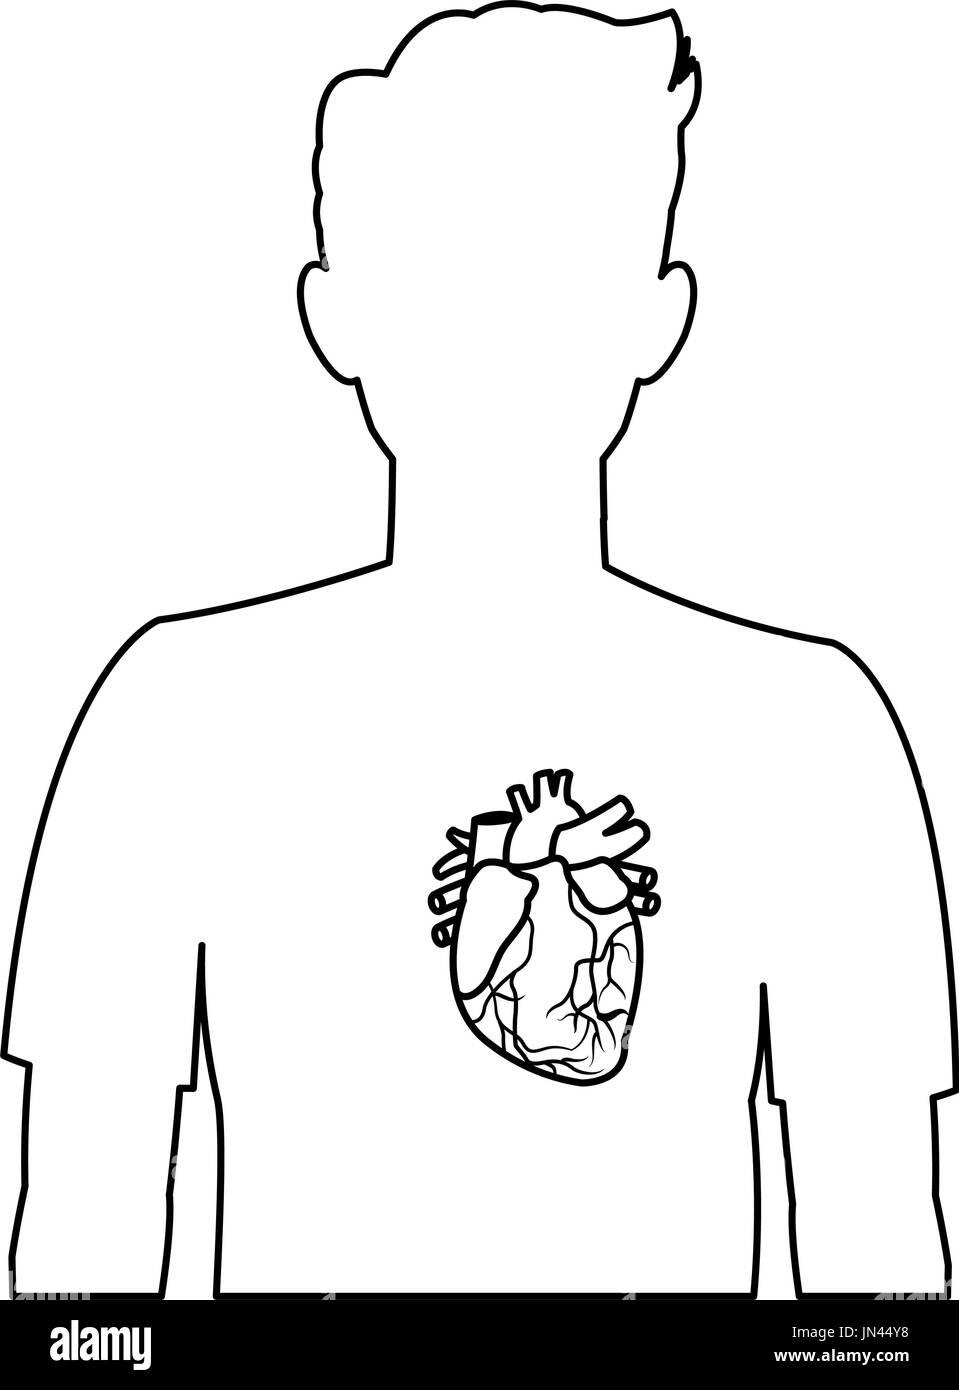 Gallbladder Kidney Stockfotos & Gallbladder Kidney Bilder - Seite 2 ...